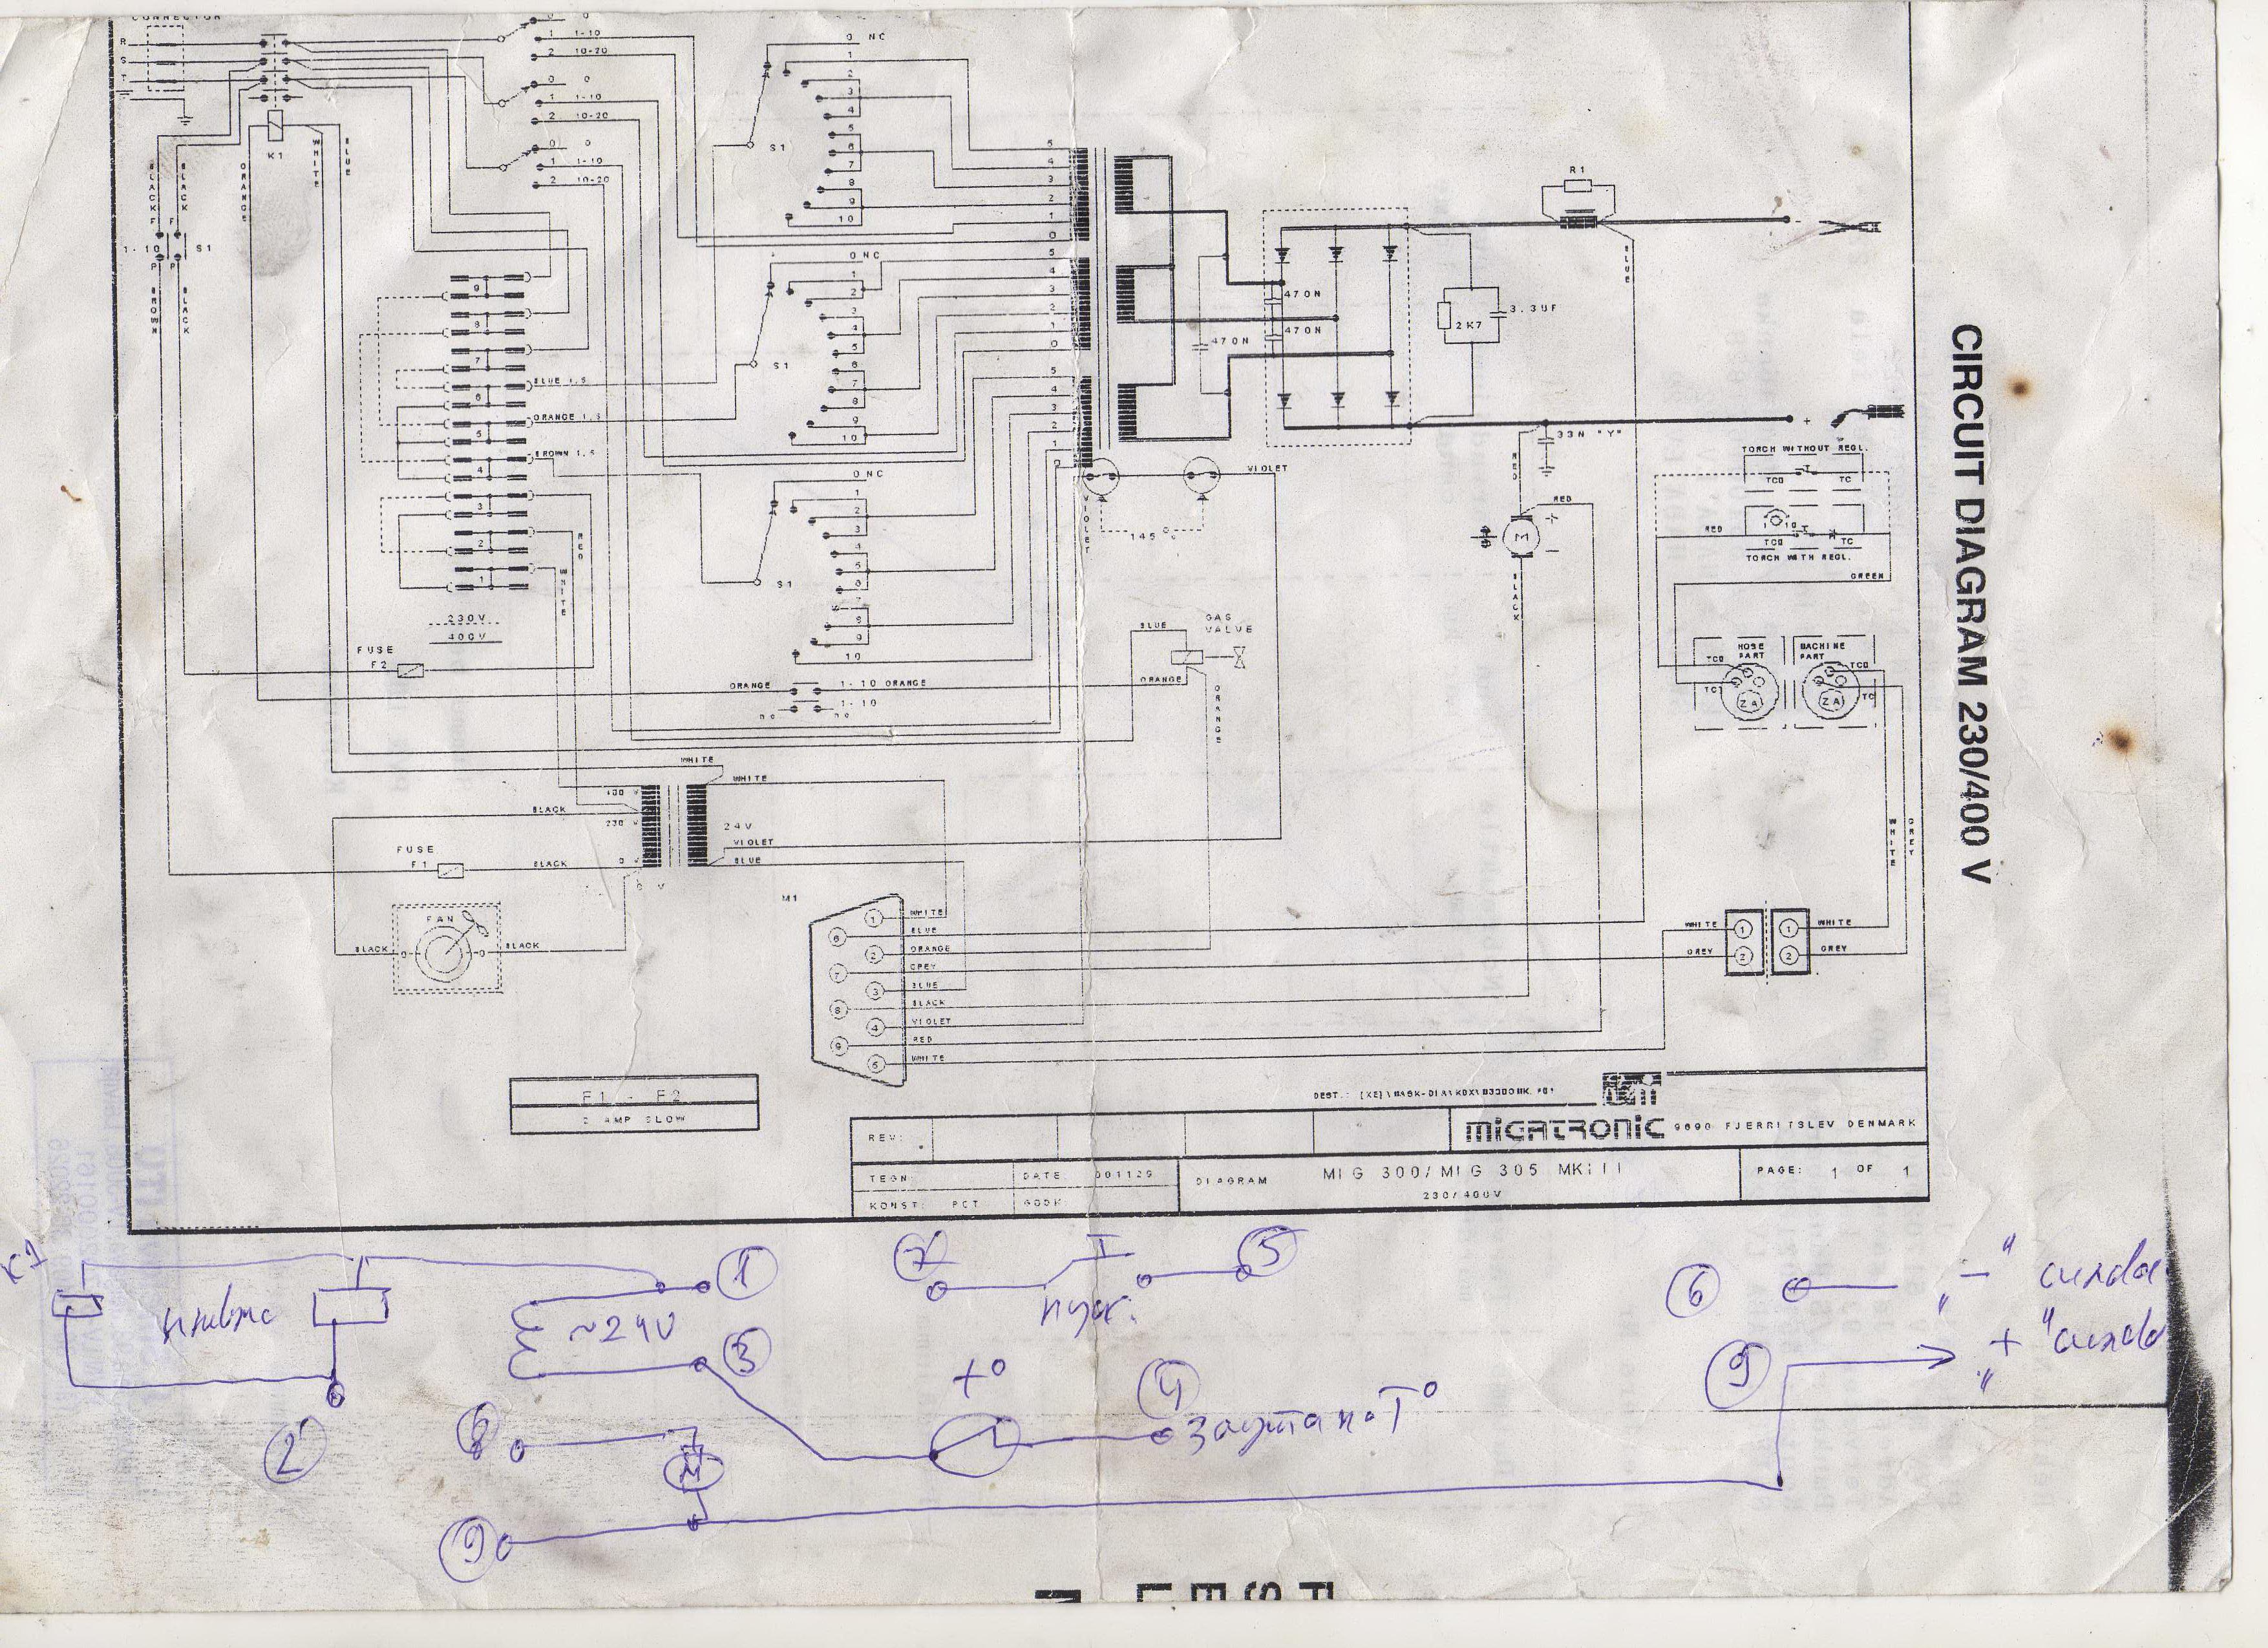 Саи 200 электрическая схема фото 145